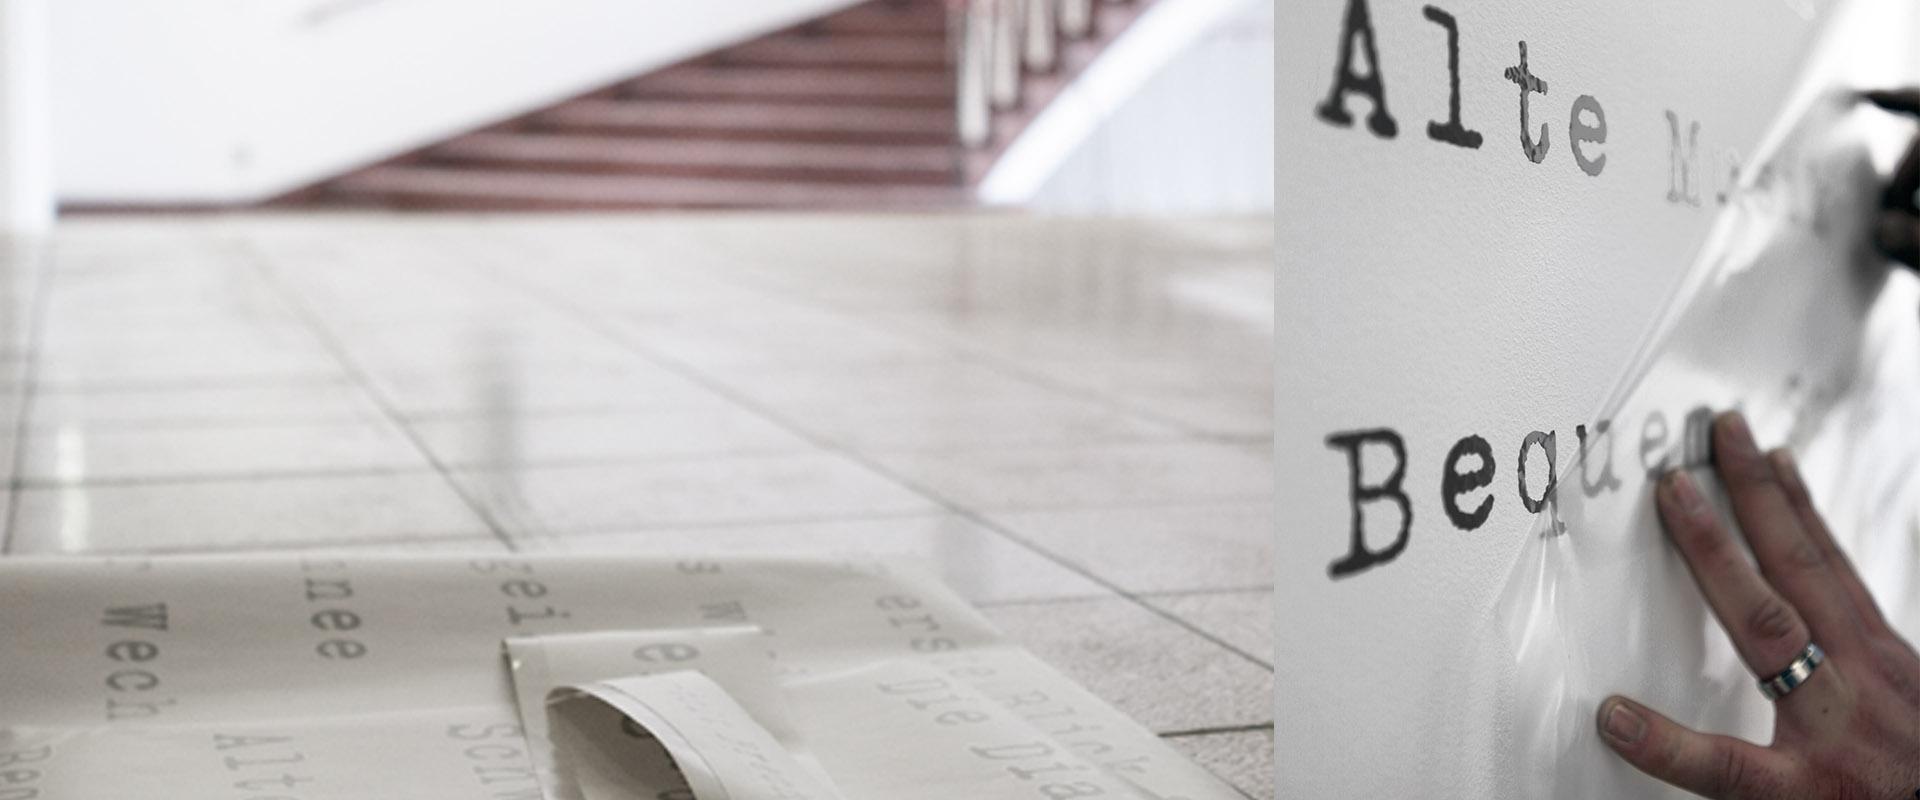 arztpraxis, grafikdesign, logogestaltung, bekelbung, wandtattoo, sprüche, praxisgestaltung, raumdesign, interior design, fotografie, christopher baer, project a, sabine olier, werbetechnik, schilder, türbeschilderung, folienbuchstaben, foliendesign